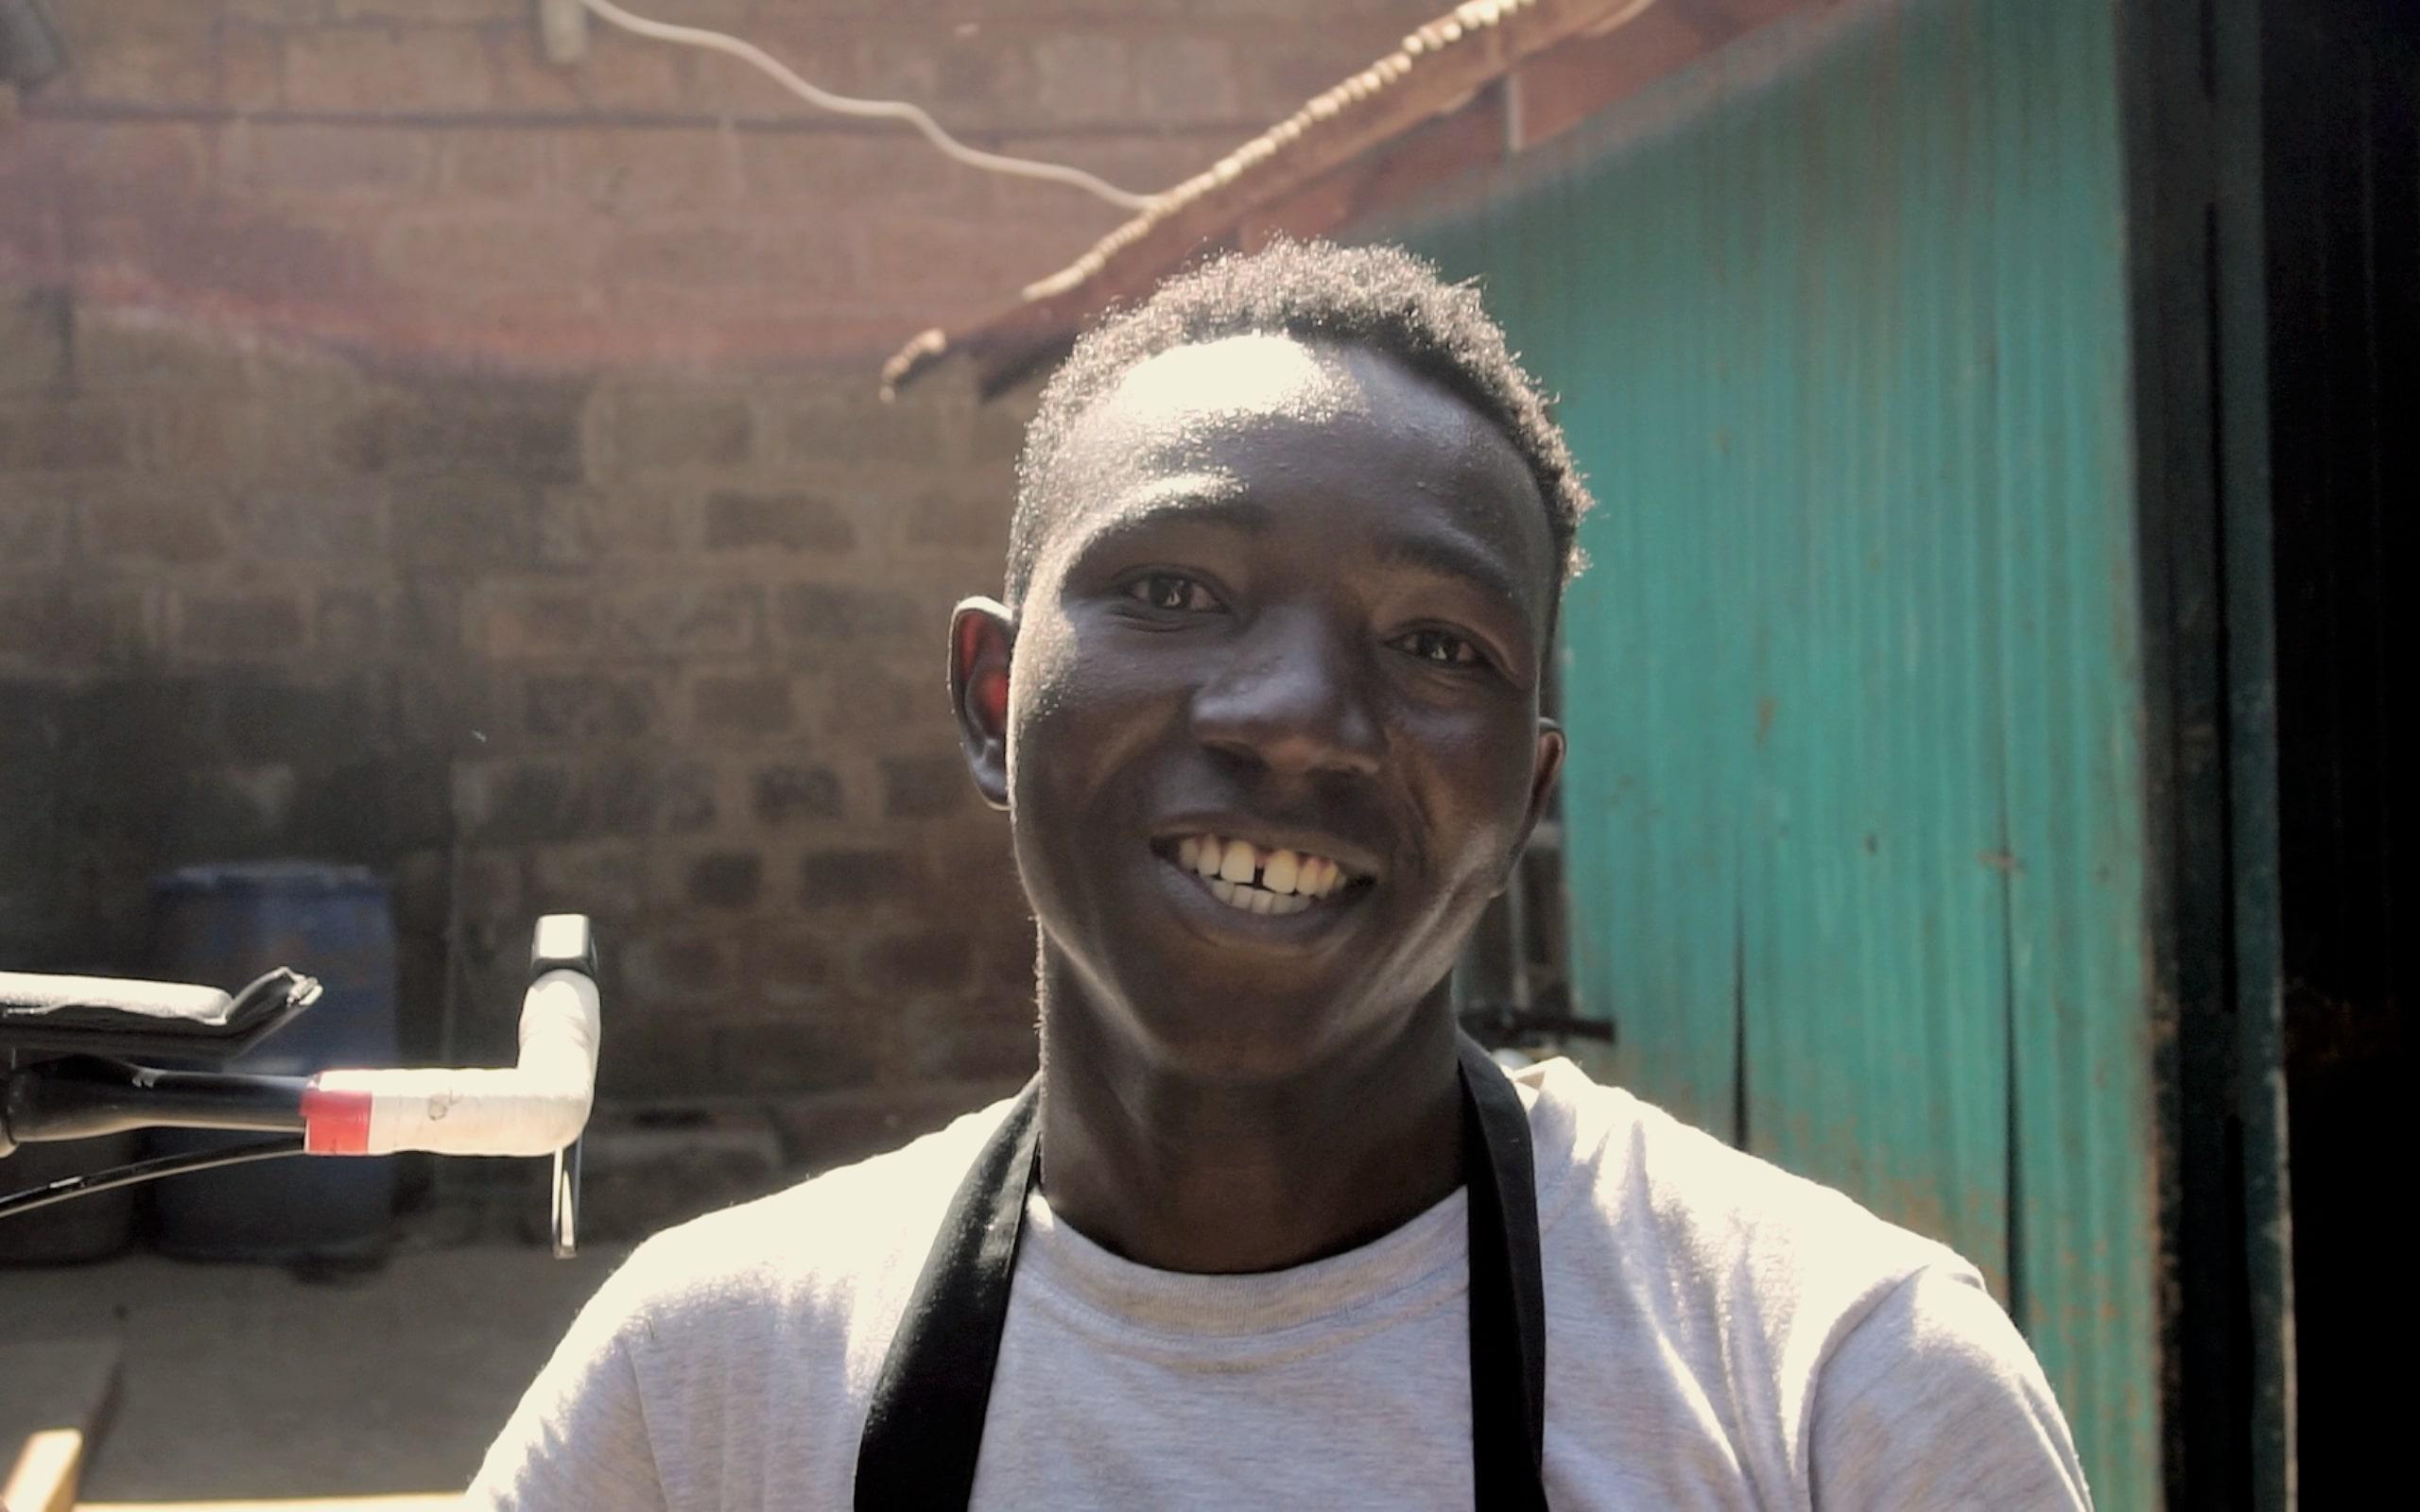 Samuel Wafula